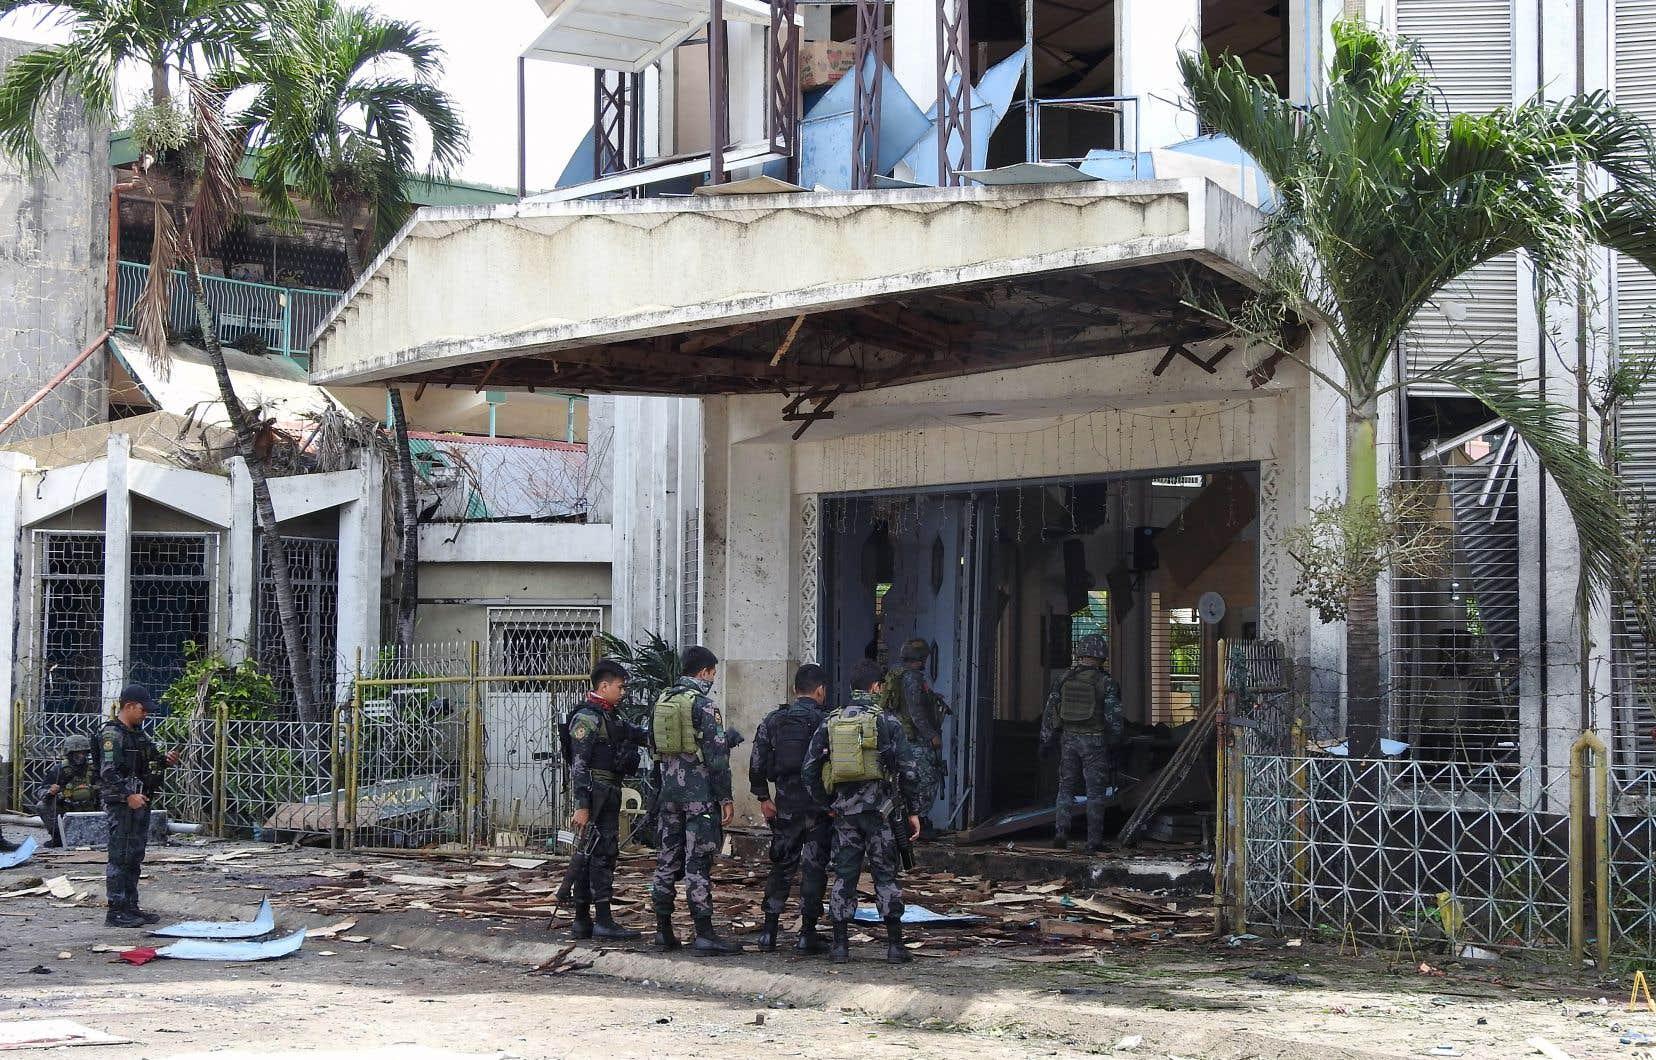 L'attentat, revendiqué par le groupe armé État islamique, a fait au moins 18 morts.